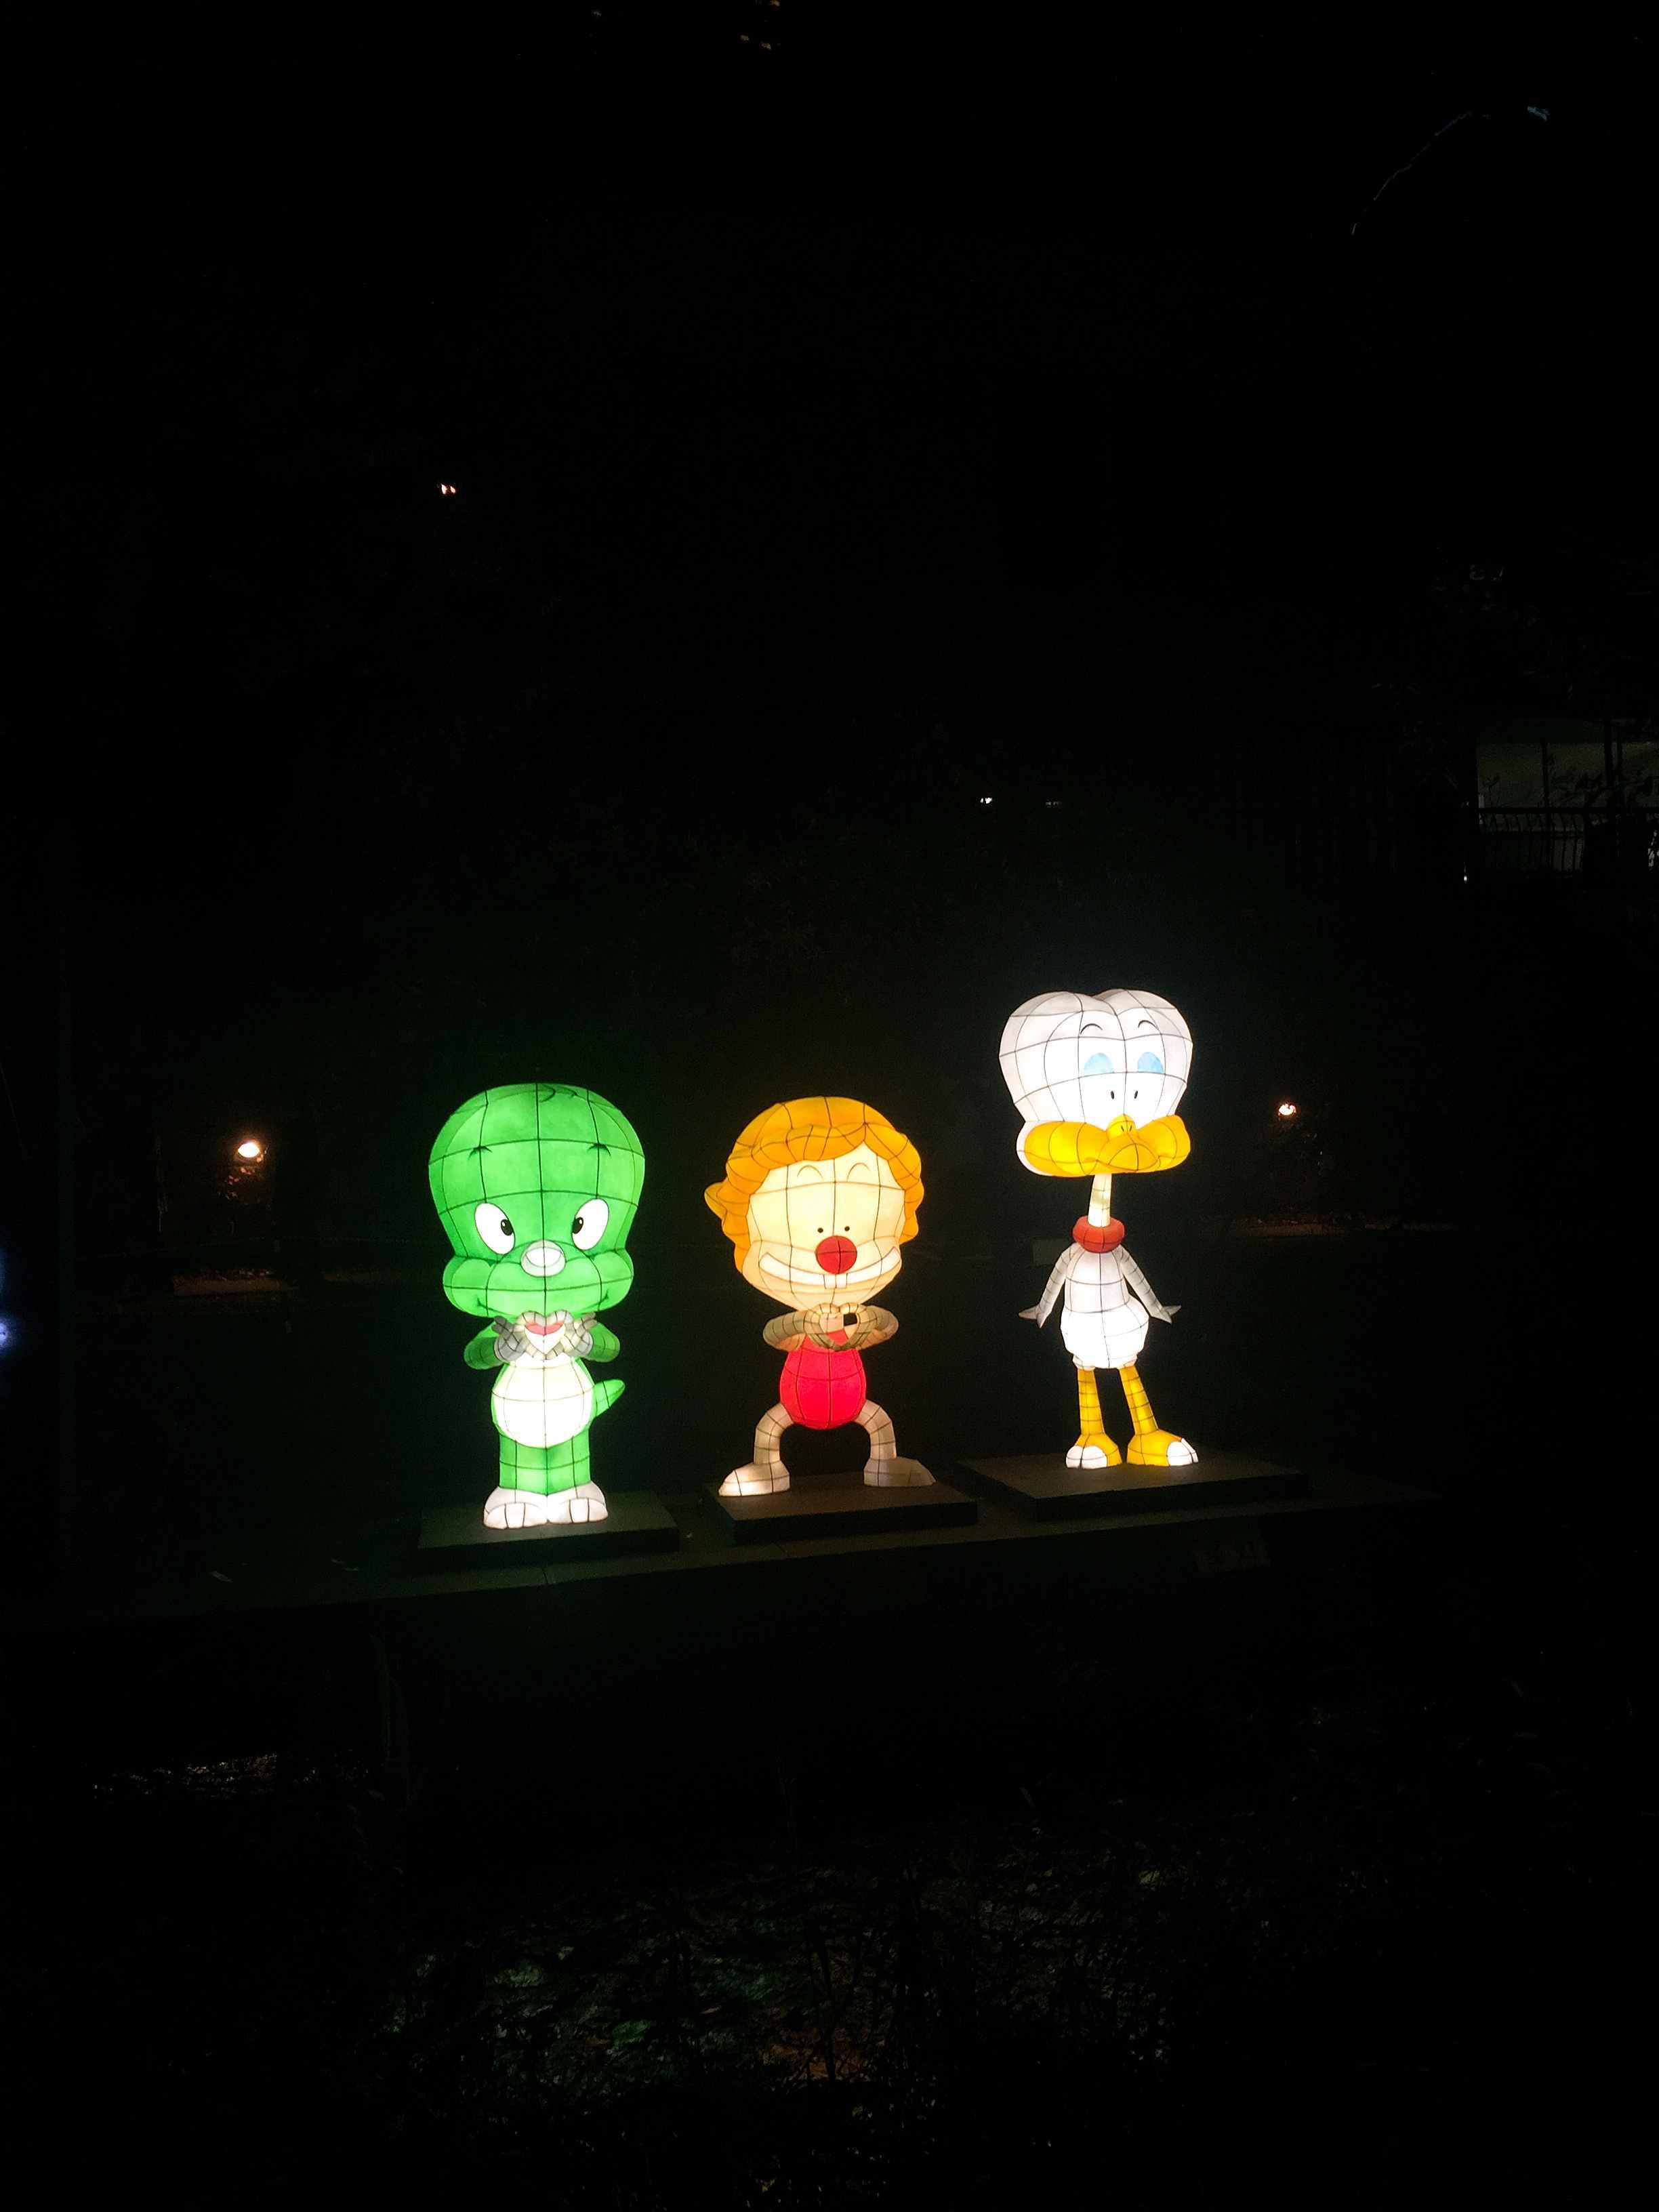 看到這麼可愛的燈籠們大家是不是要趕快手刀過來參觀呀~整個活動是免費的到11月19號完結喔!快點來吧!